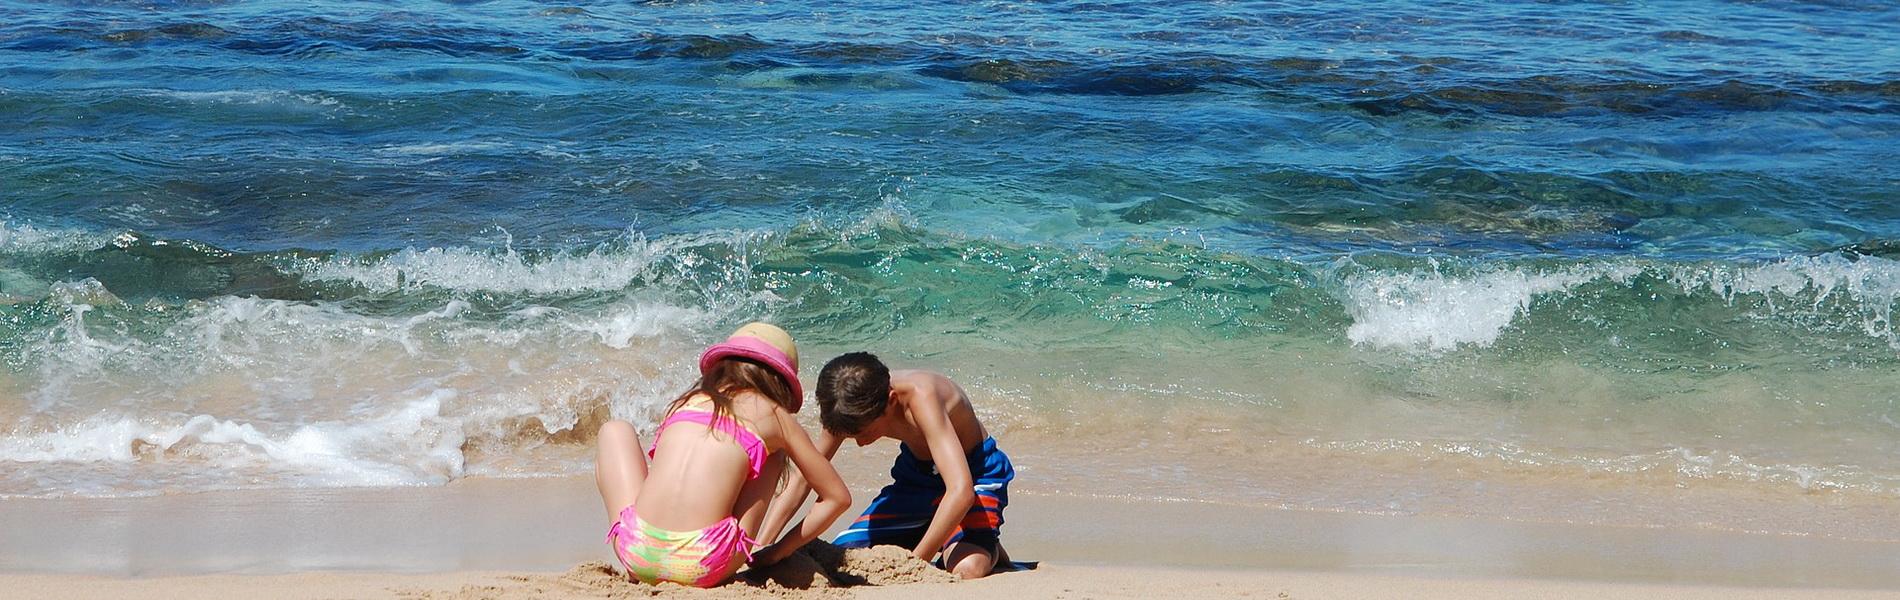 Junge und Mädchen spielen am Strand, CC0 Creative Commons